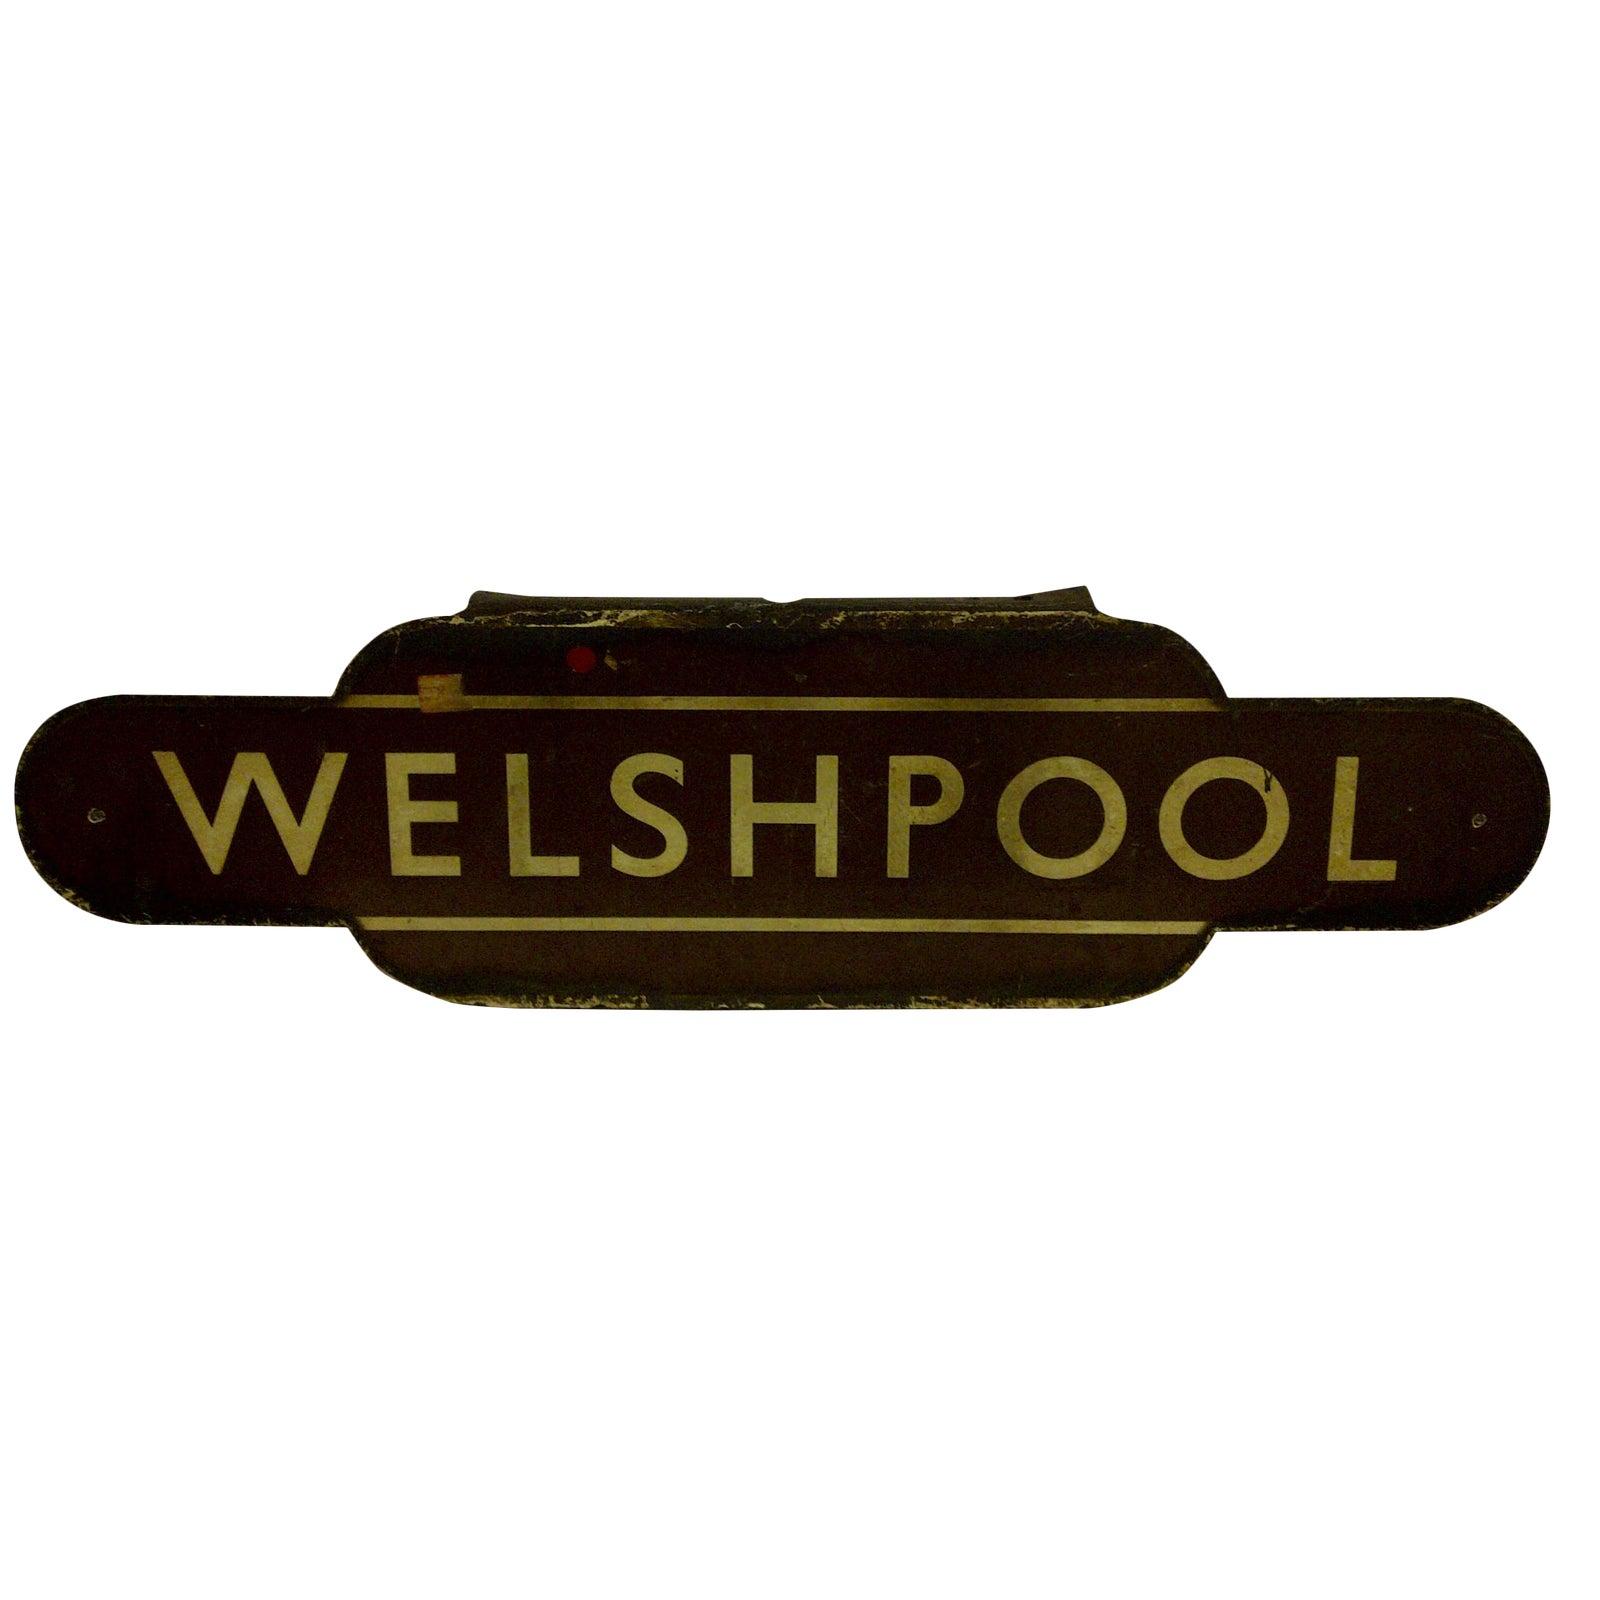 Vintage British Railway